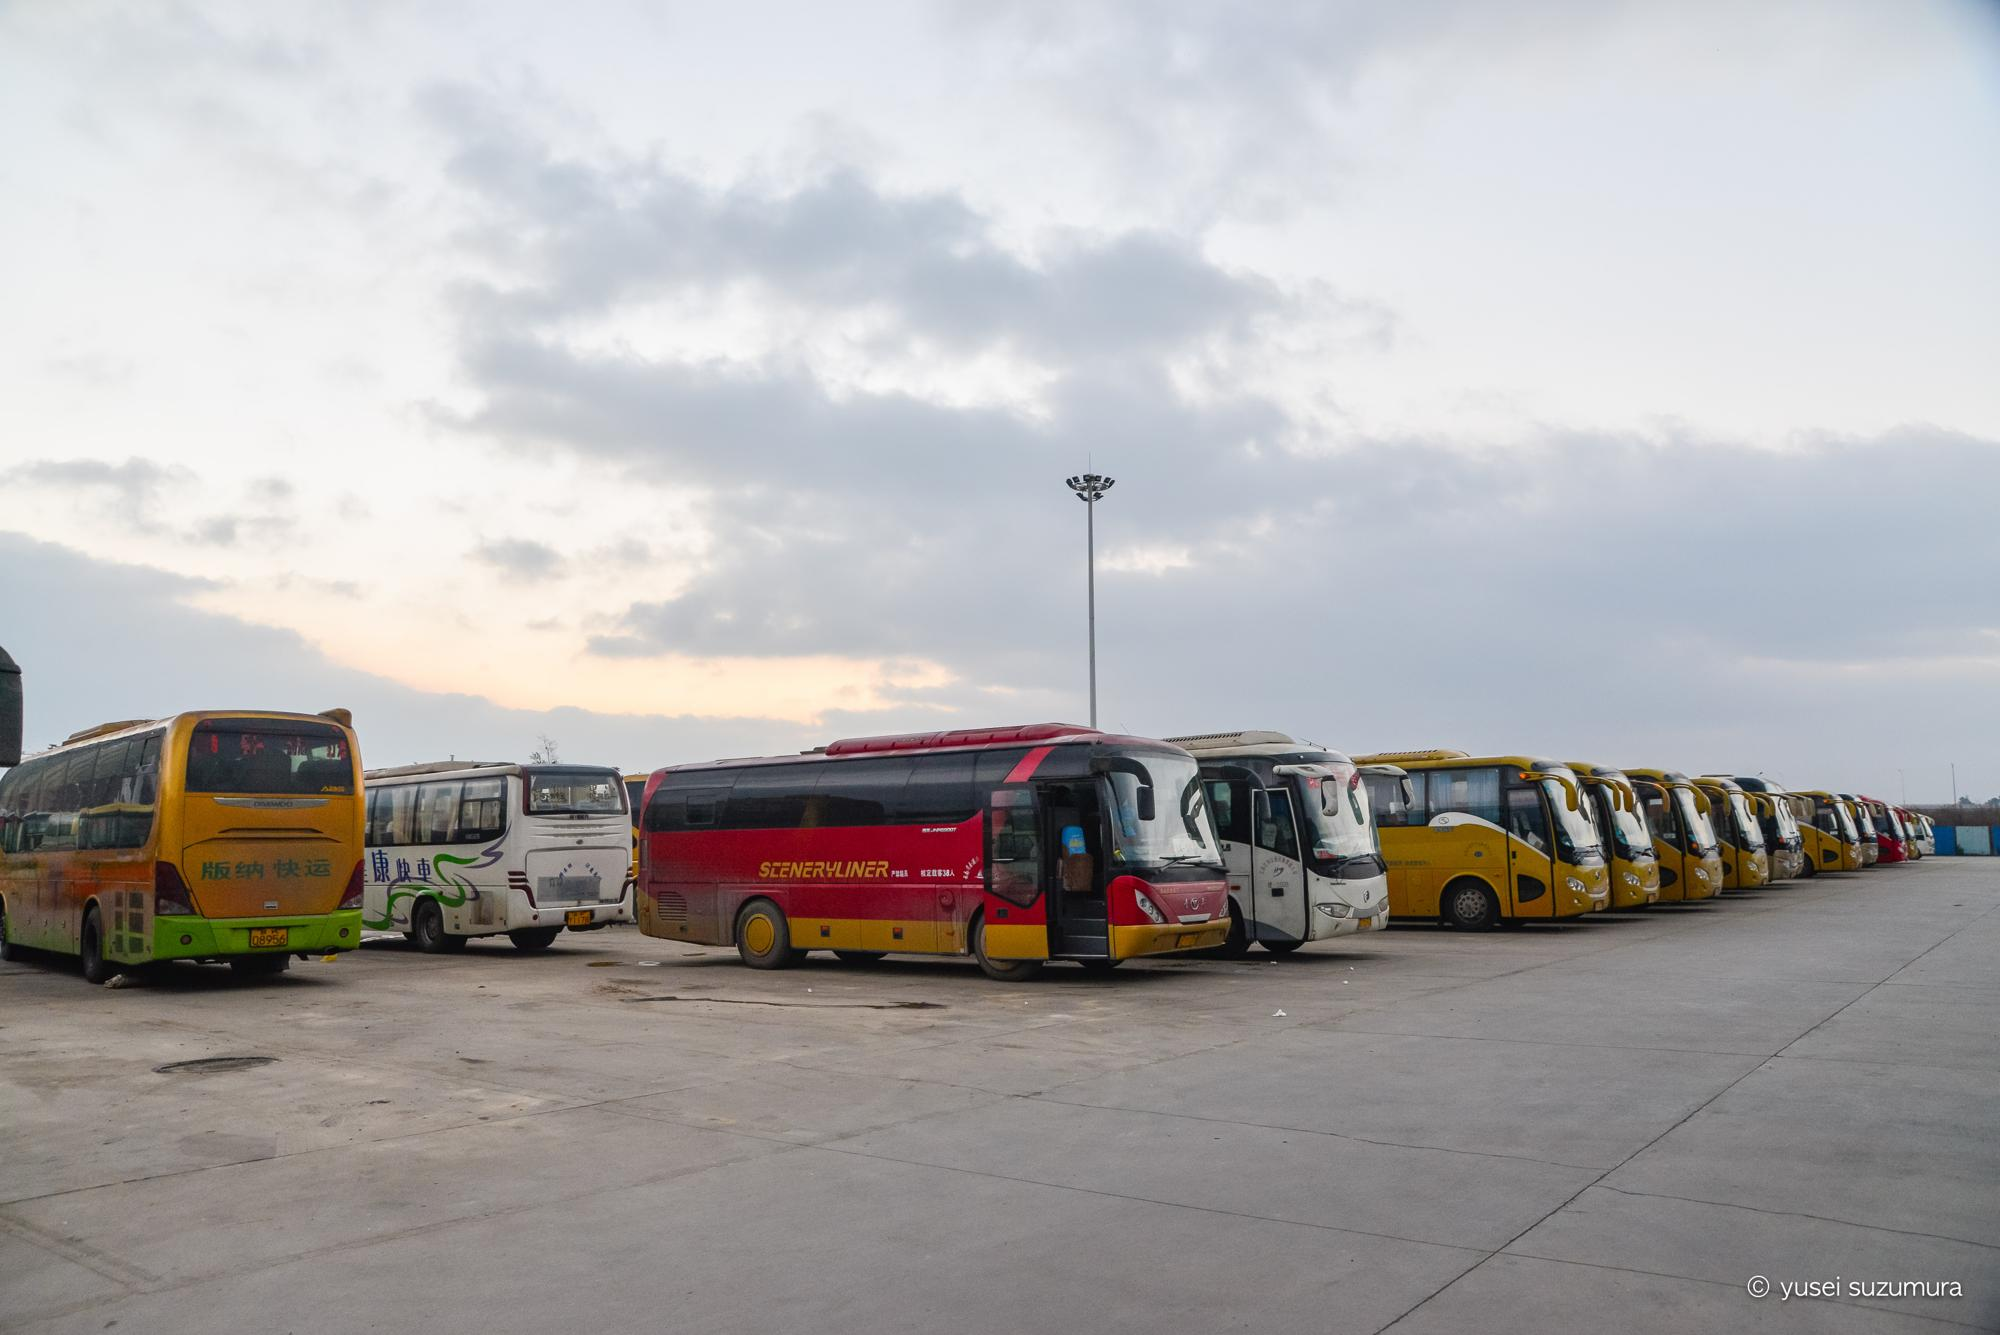 元陽から昆明への夜行バス